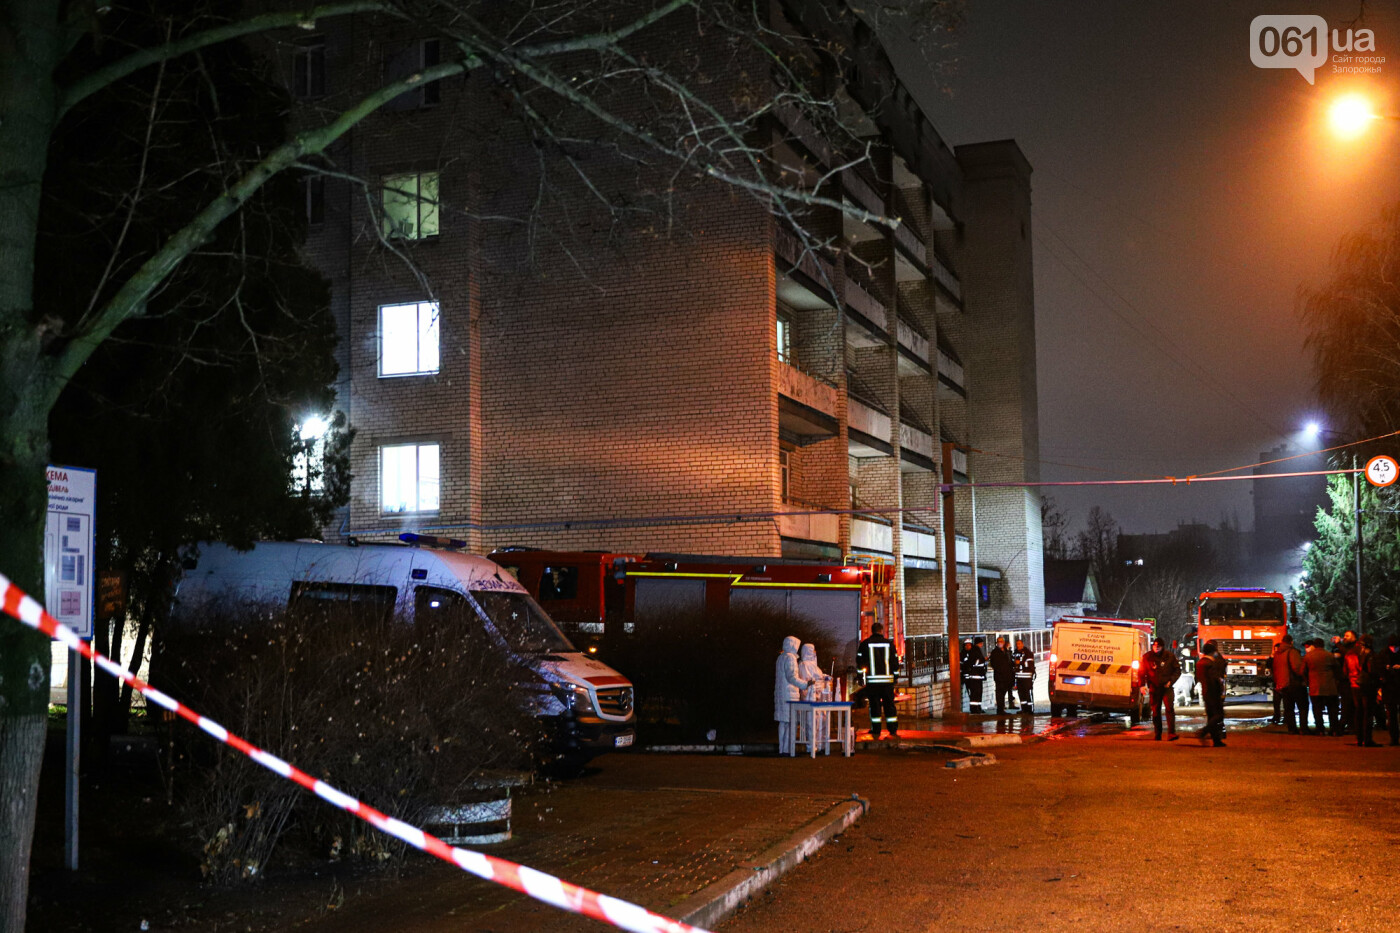 Пожар в Запорожской инфекционной больнице: все подробности происшествия, - ФОТОРЕПОРТАЖ , фото-9